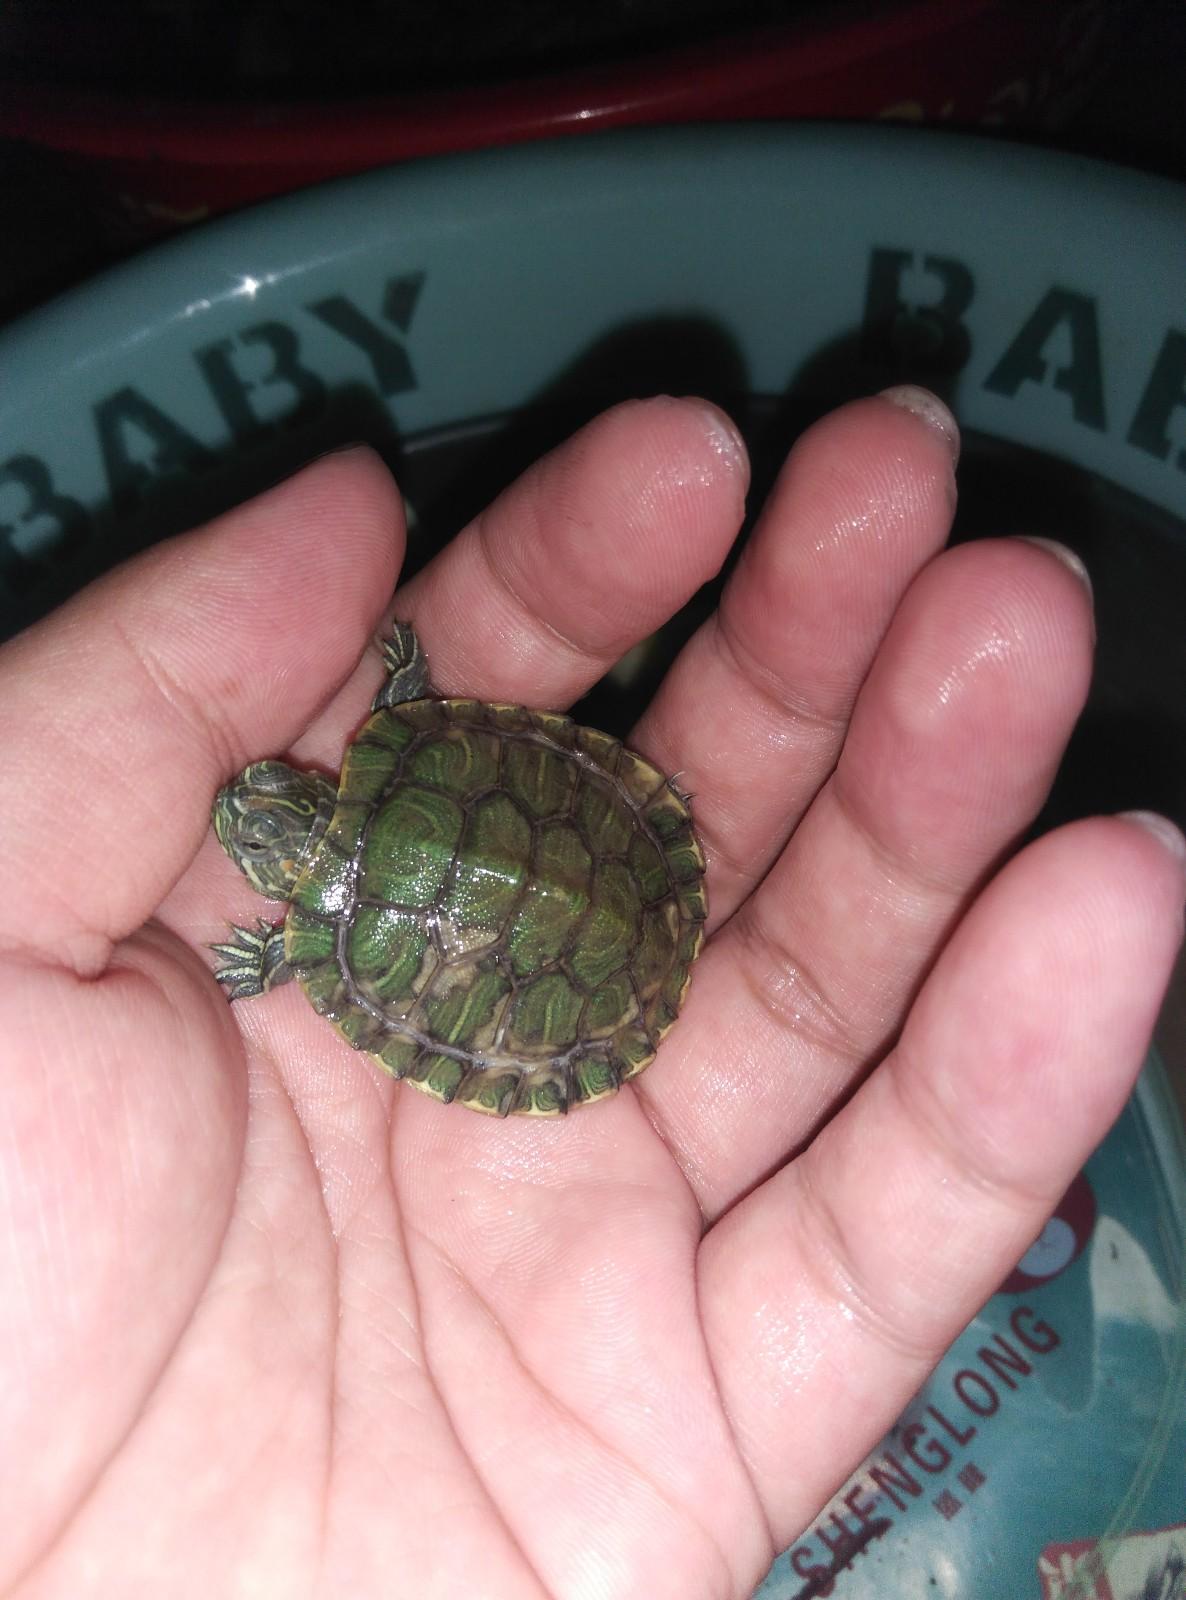 小乌龟浮在水面_小乌龟单侧漂浮在水面,游不到水底,壳有异样,最近在脱皮 ...